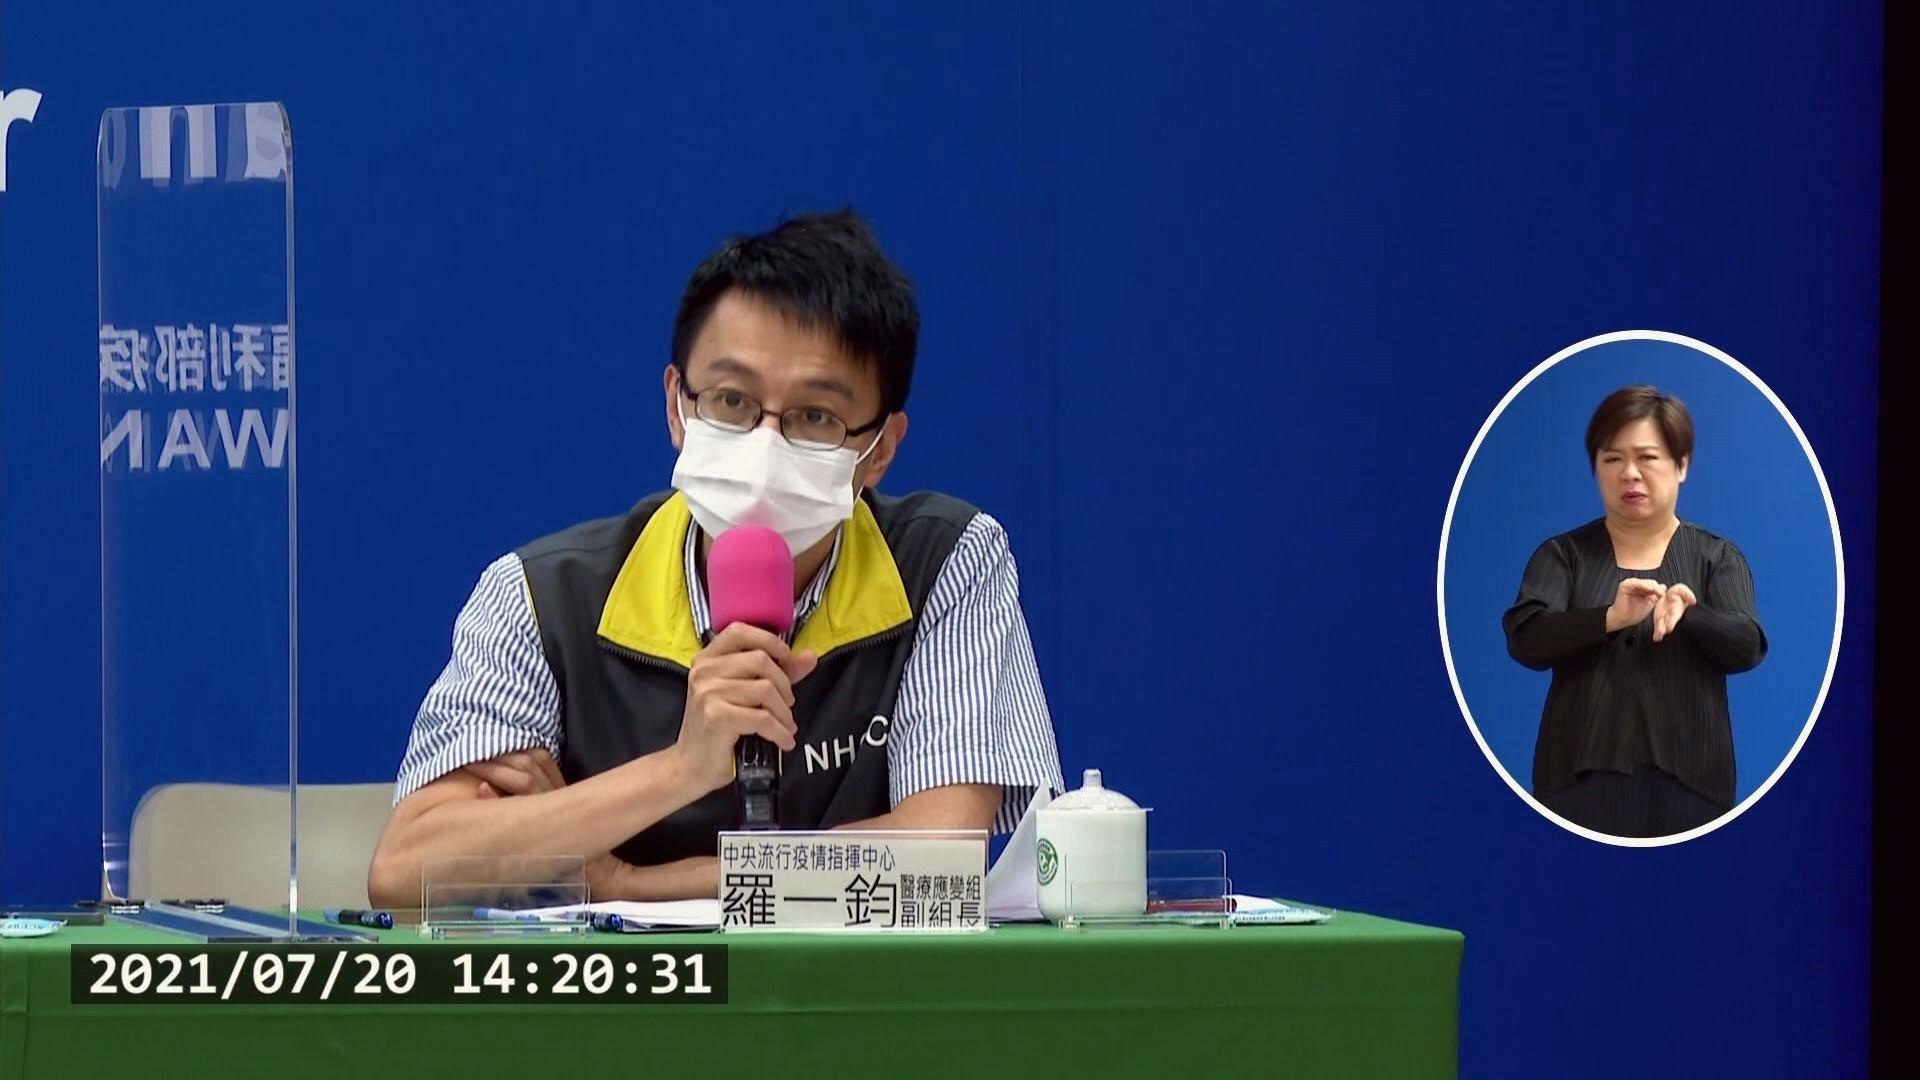 Taiwan catat 18 kasus lokal, 4 kasus meninggal pada 20 Juli